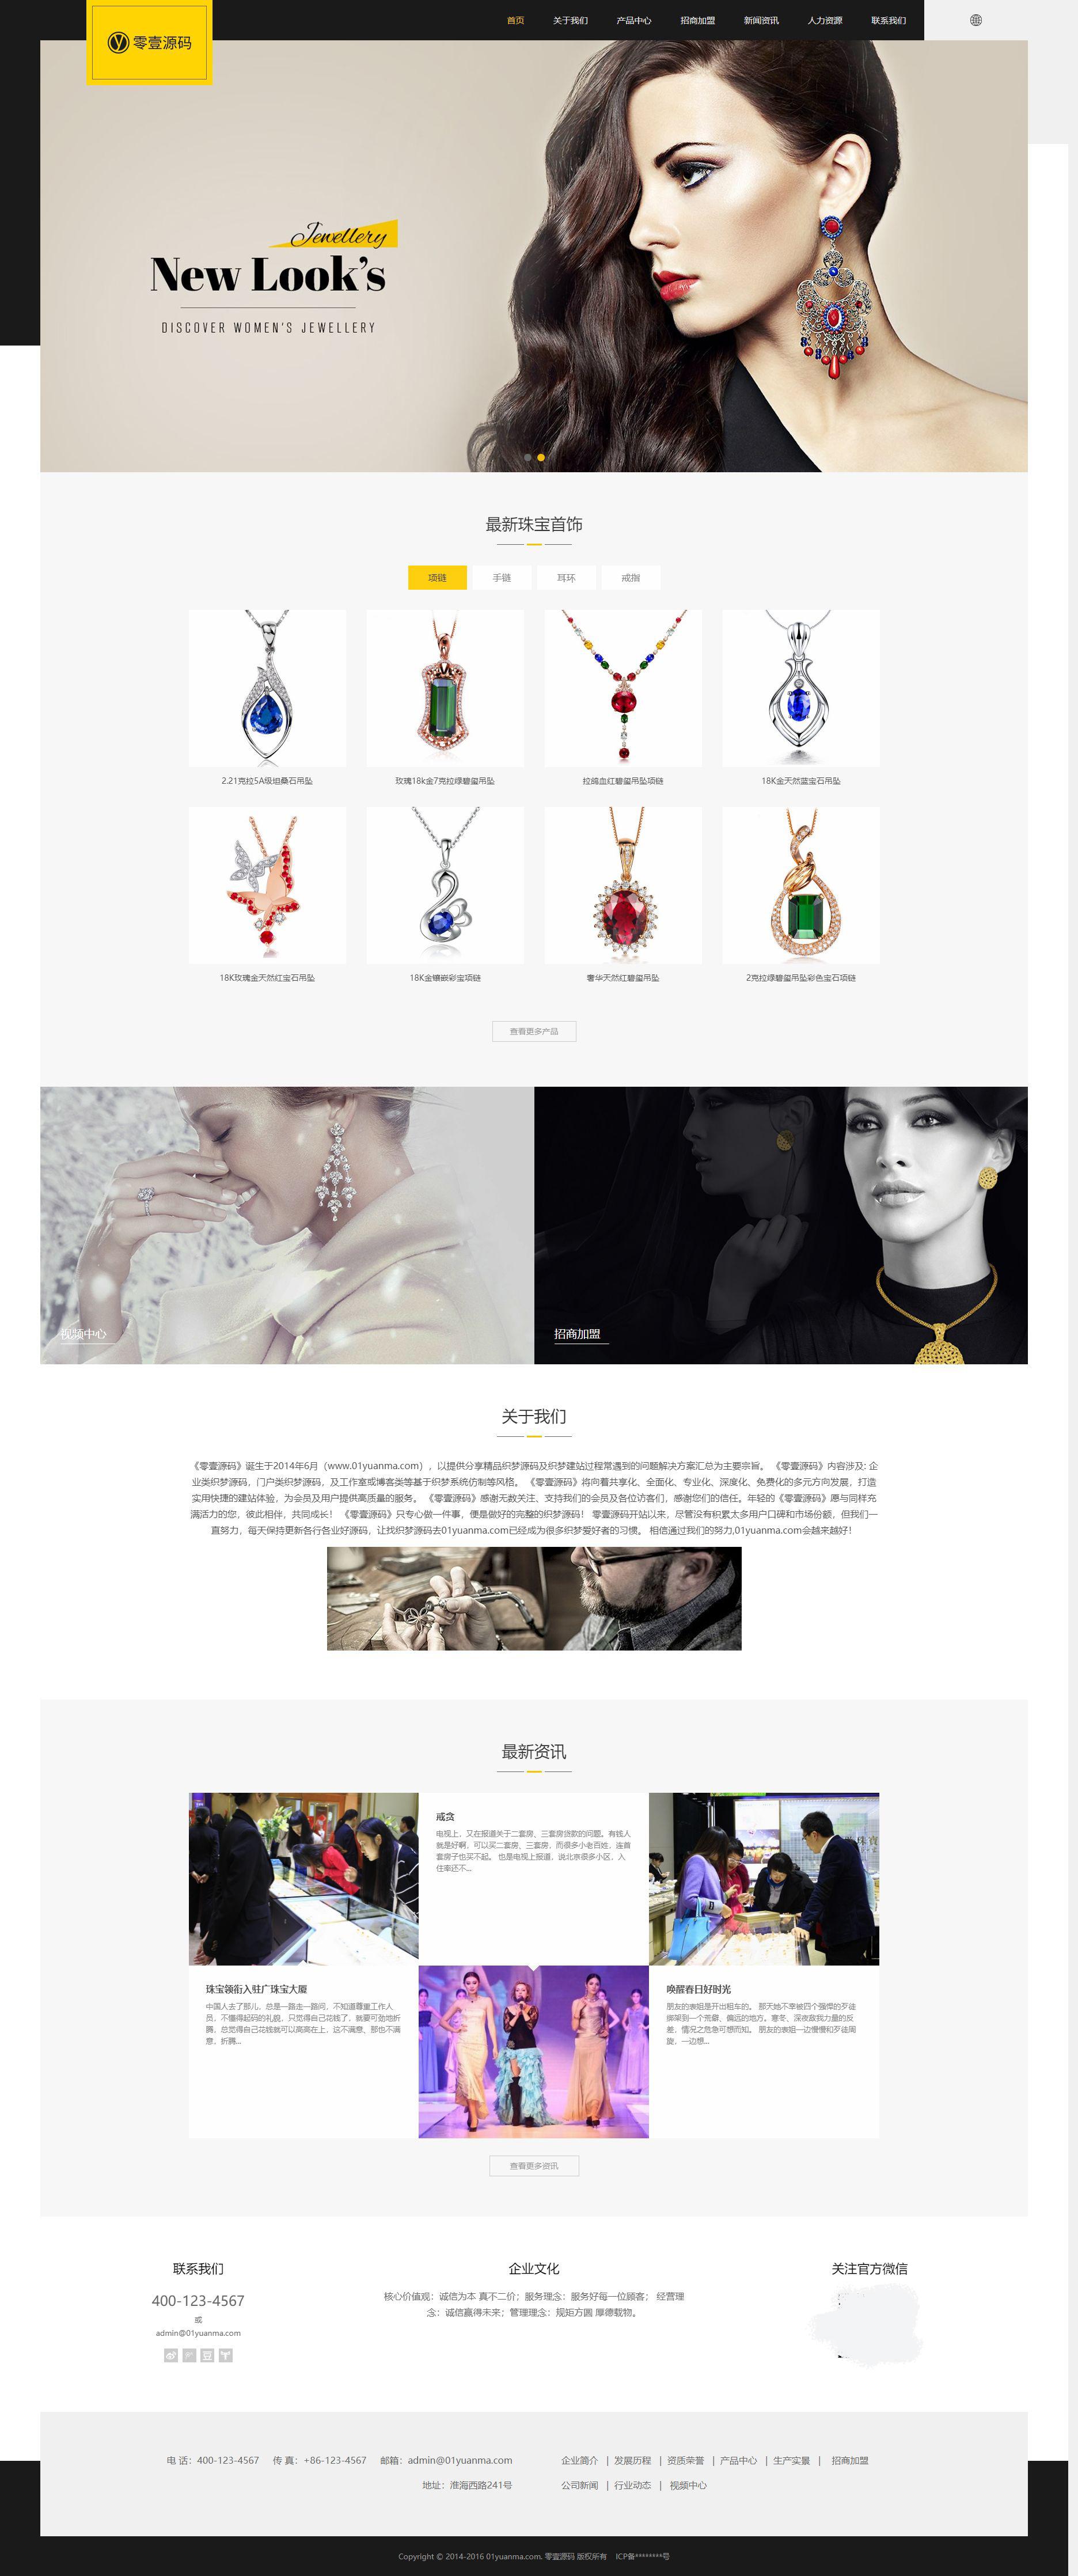 中英双语响应式珠宝项链产品展示类织梦dedecms模板(自适应手机端)